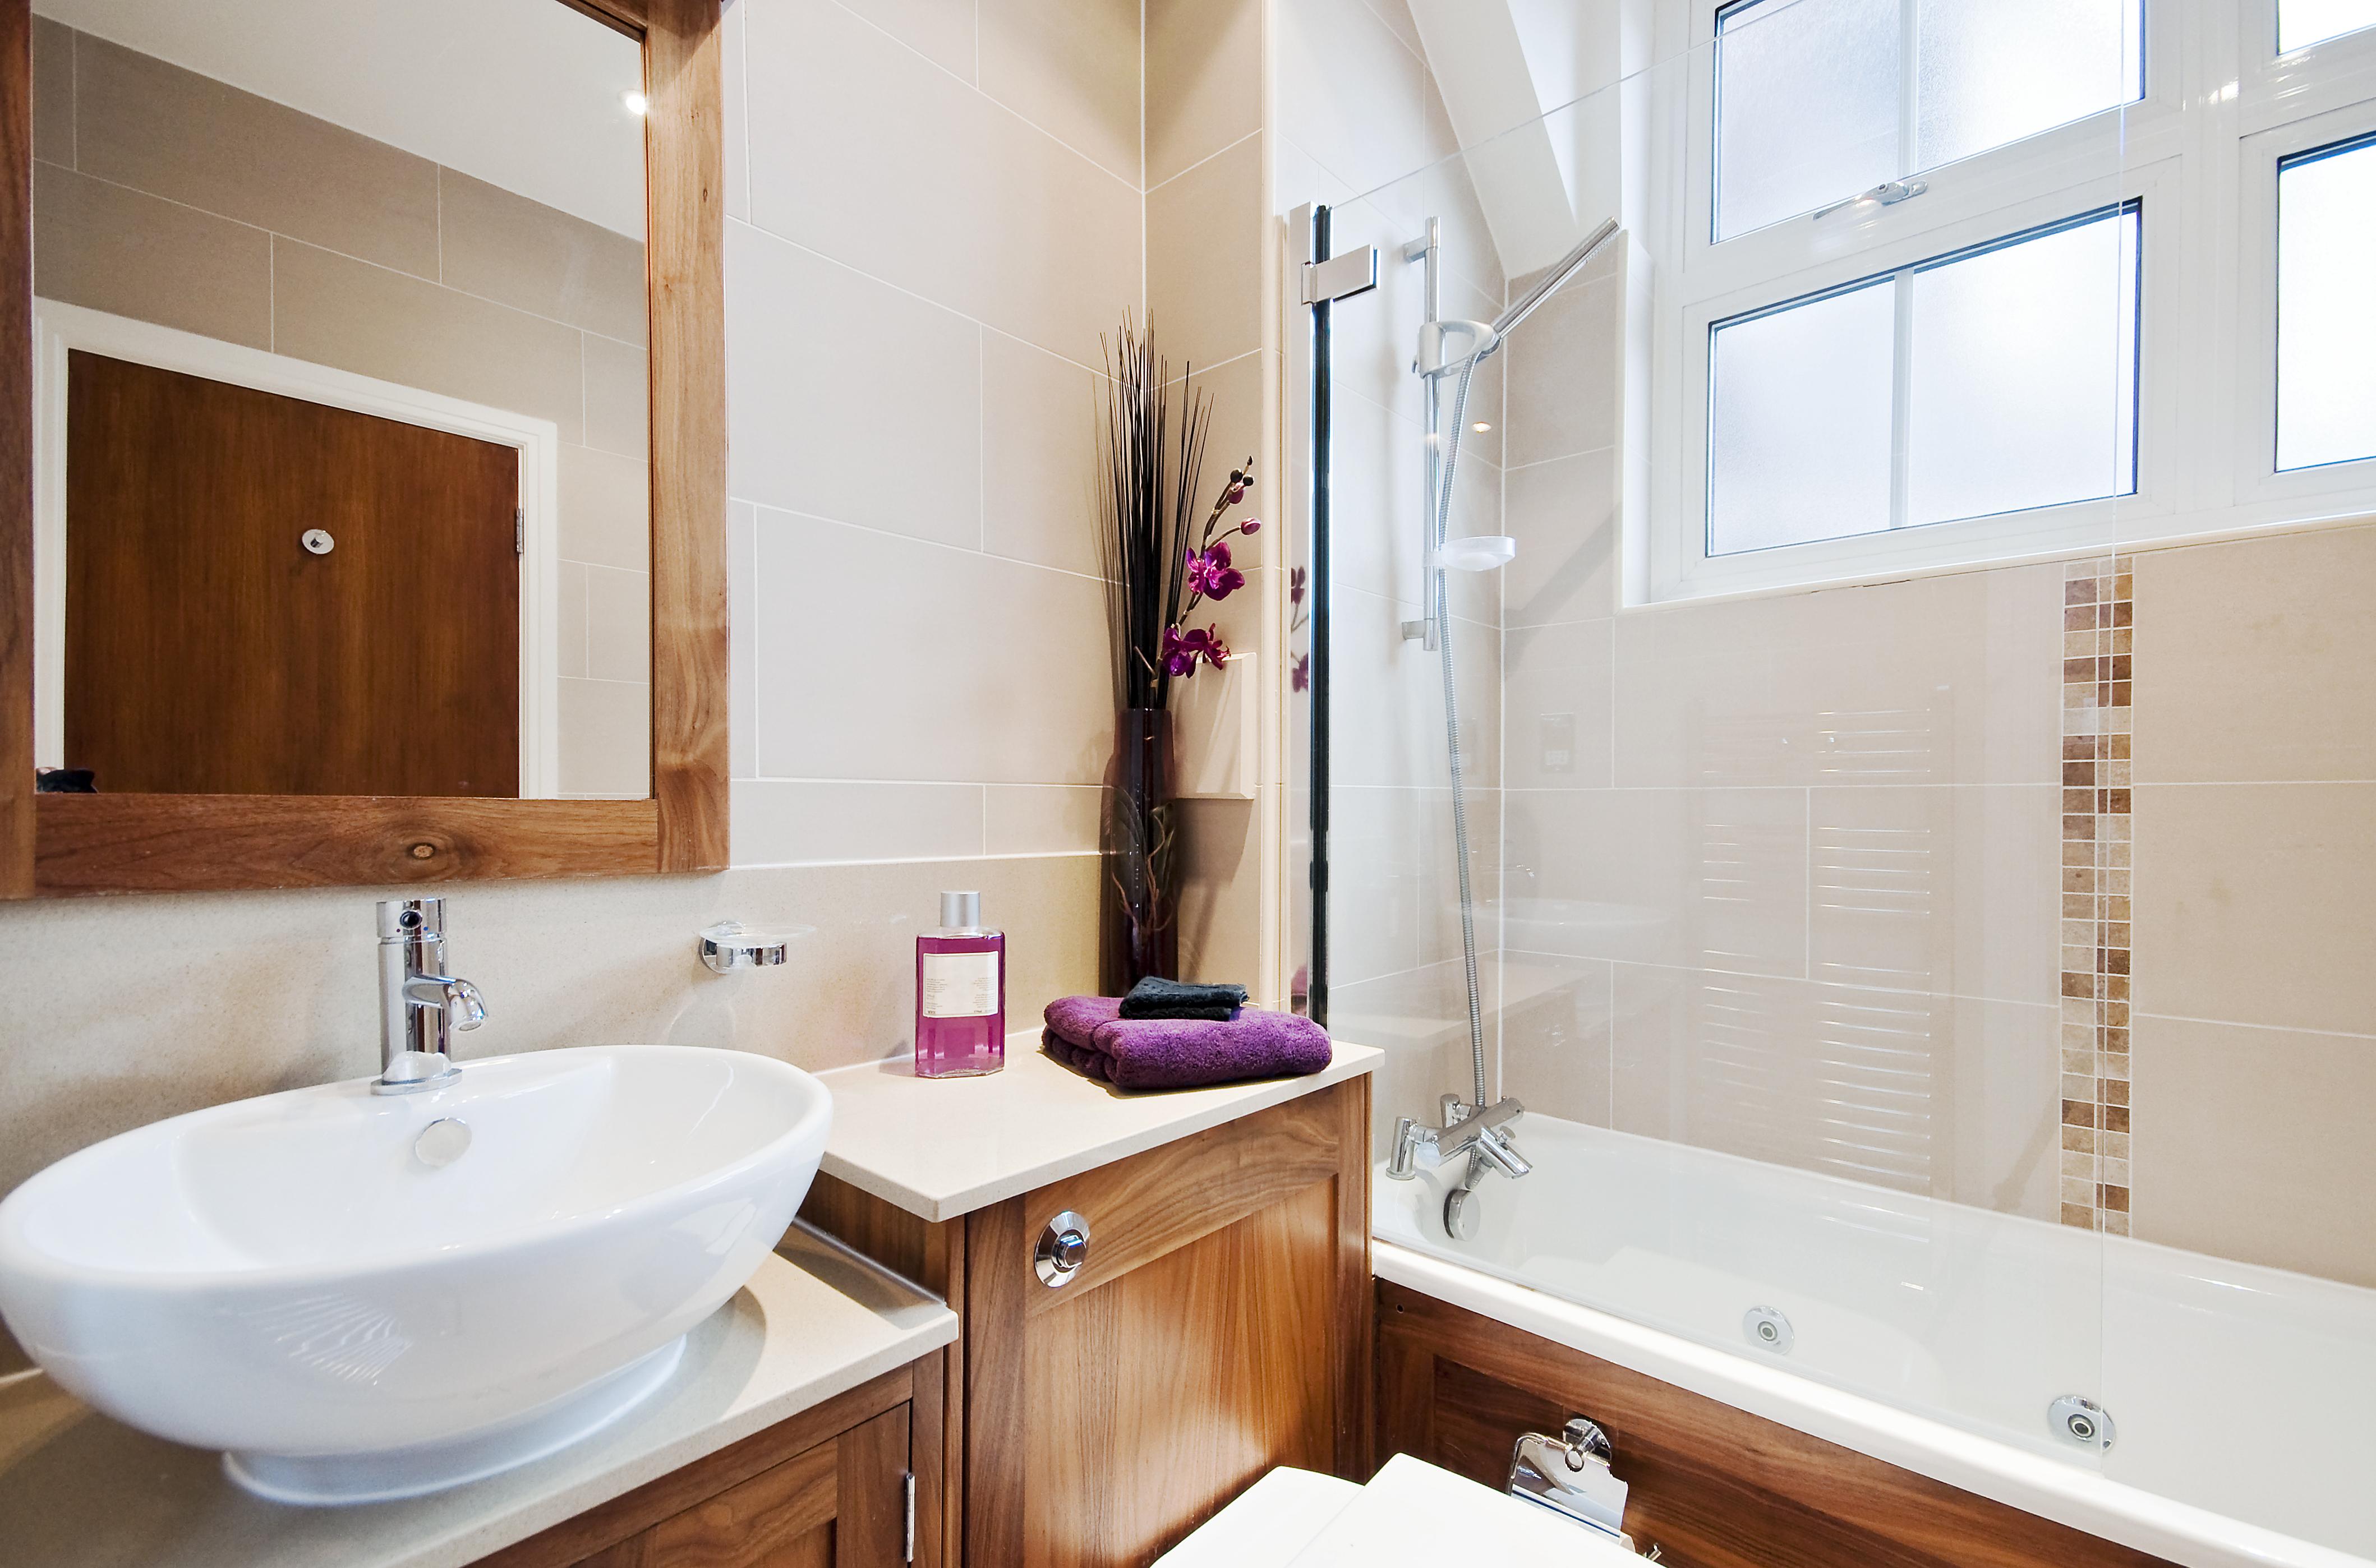 Идеи дизайна маленькой ванной с мебелью из массива